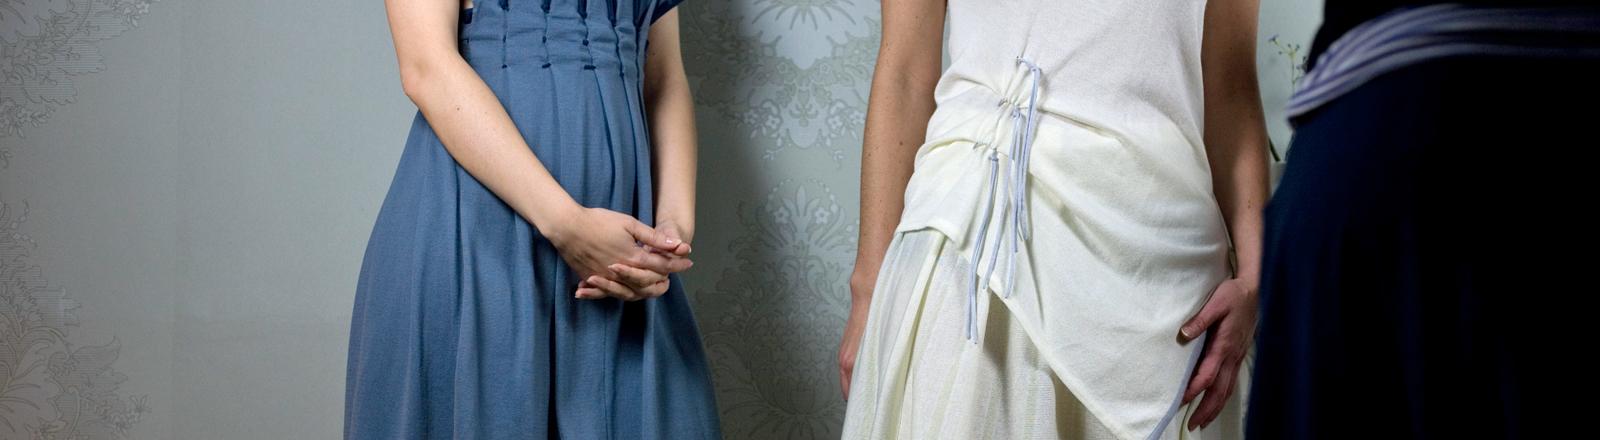 Drei Frauen in schönen Kleidern stehen nebeneinander.